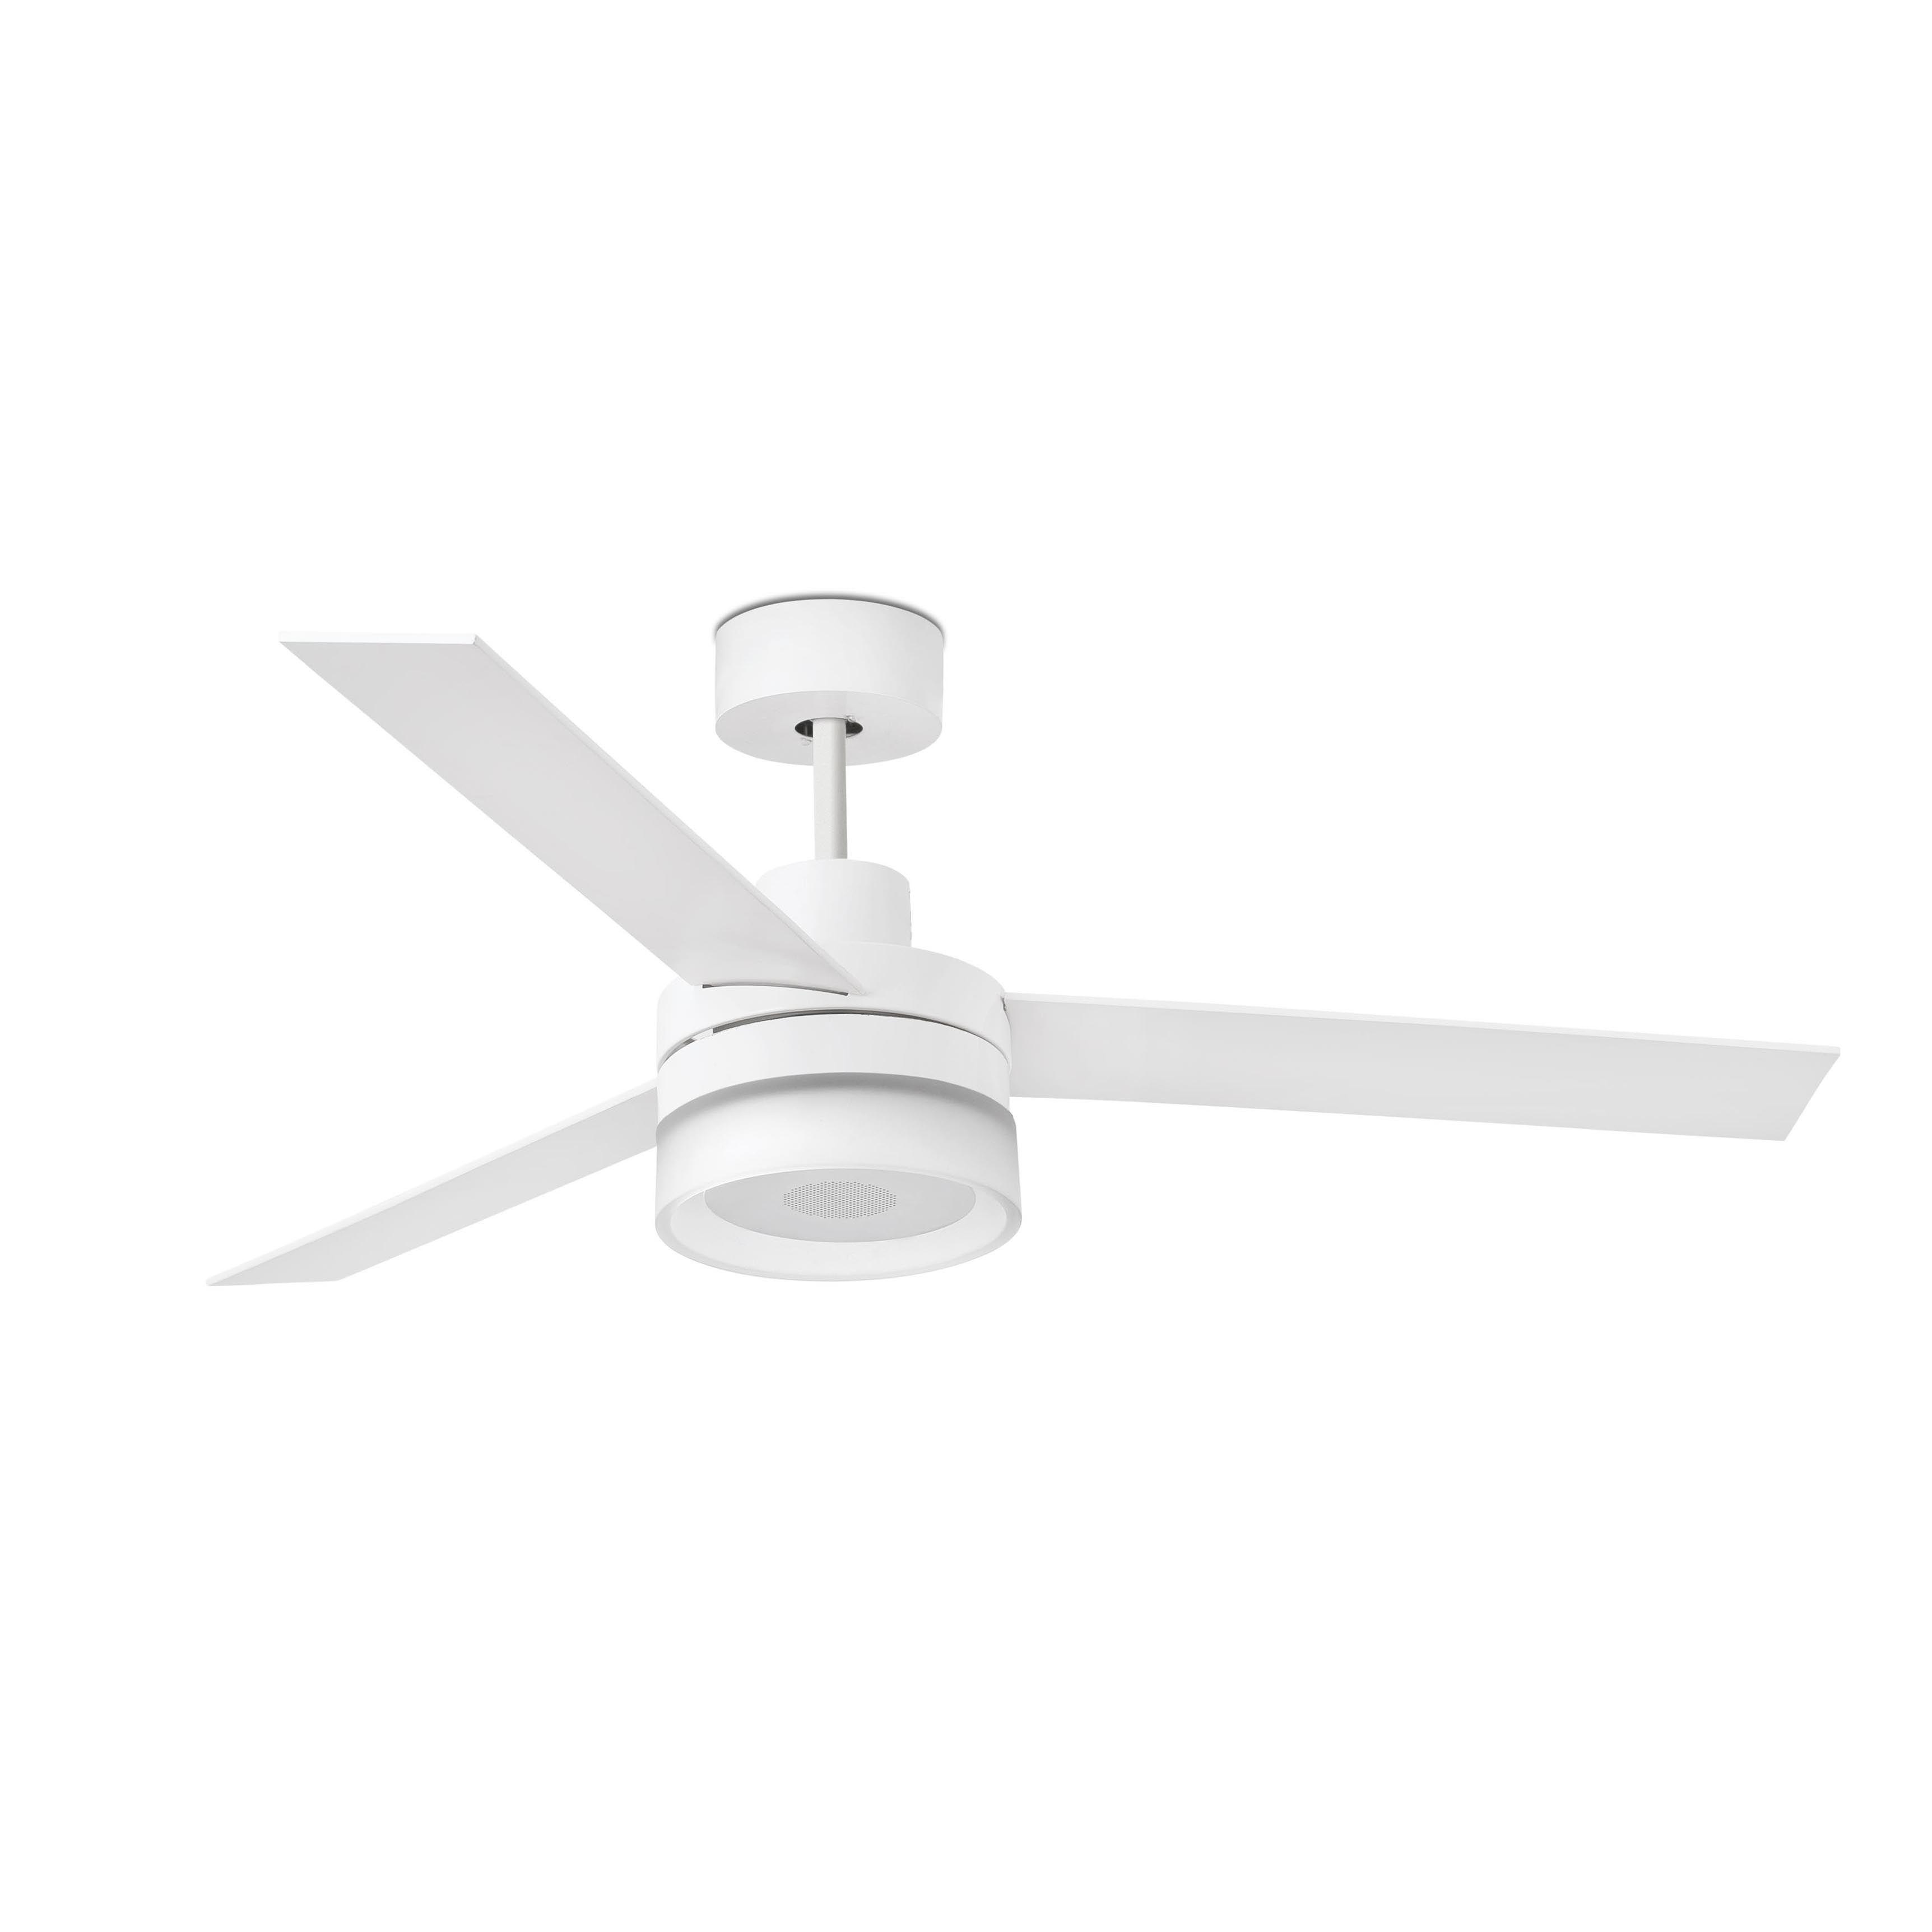 Ventilador Con Luz Led Con Altavoz Bluetooth Ice Speaker 33460  ~ Ventiladores De Techo Con Luz El Corte Ingles